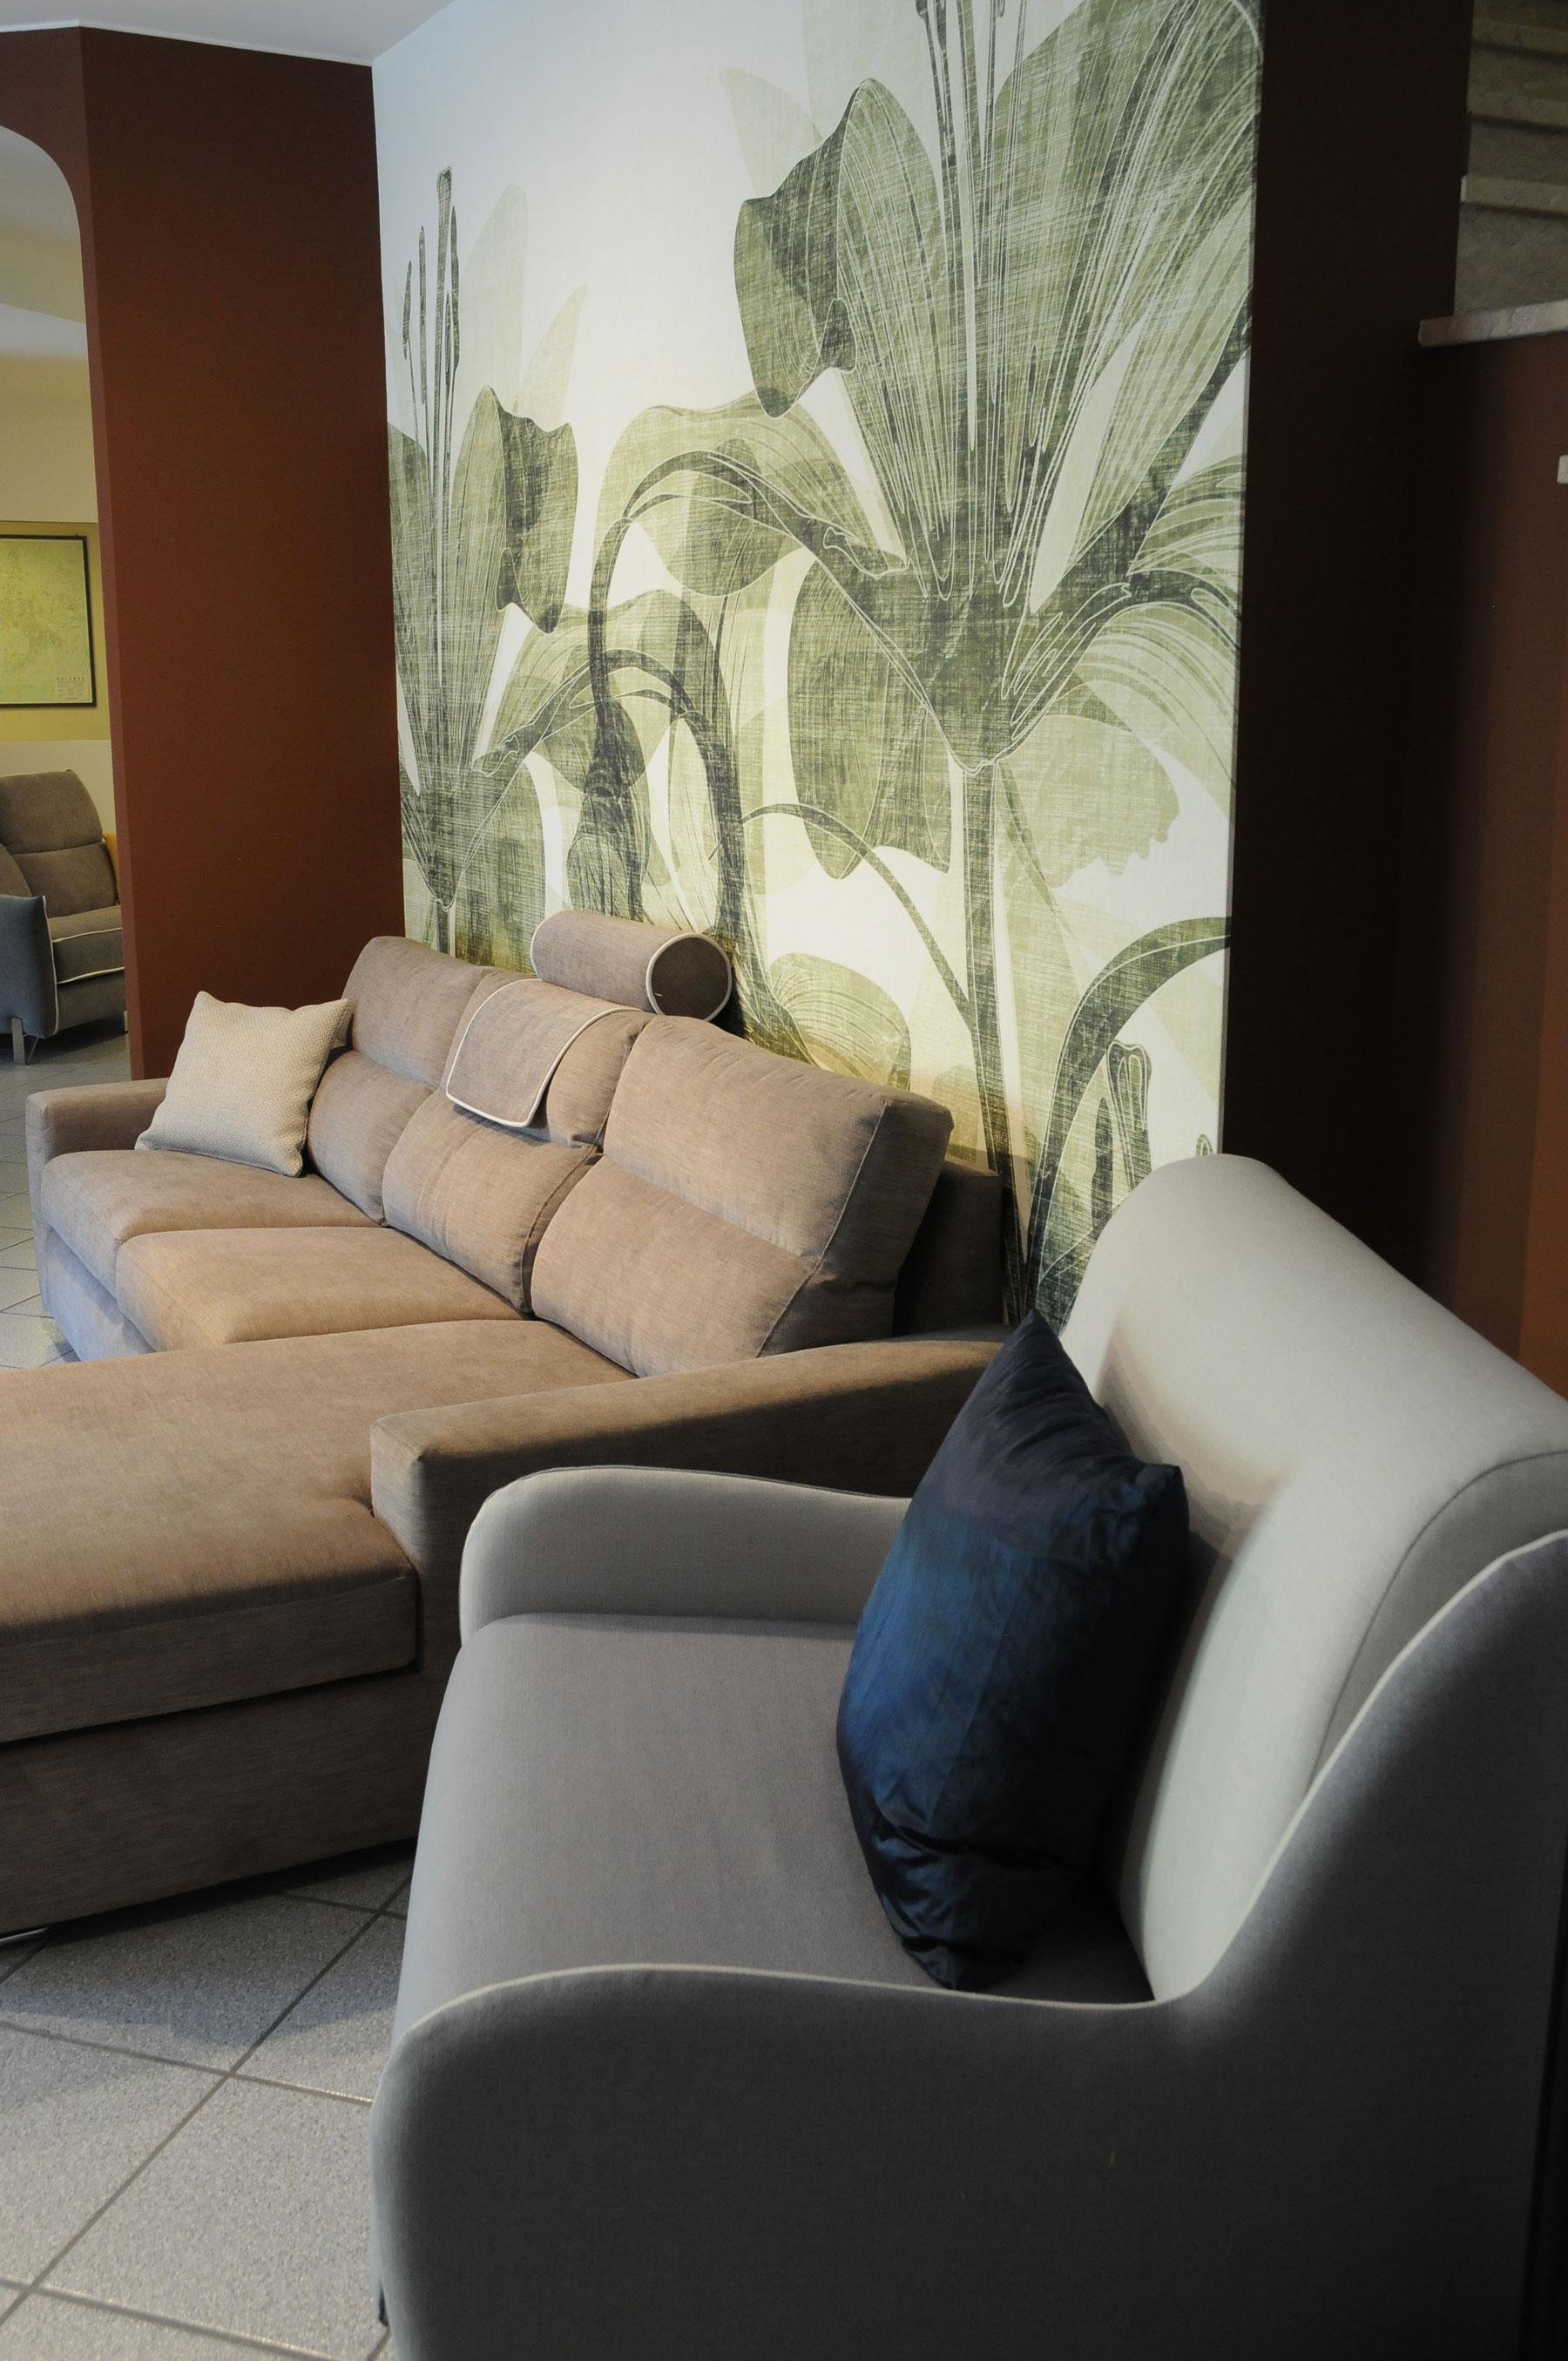 Artigiano Della Sedia Bologna divani artigianali bologna divani su misura bologna - raggi